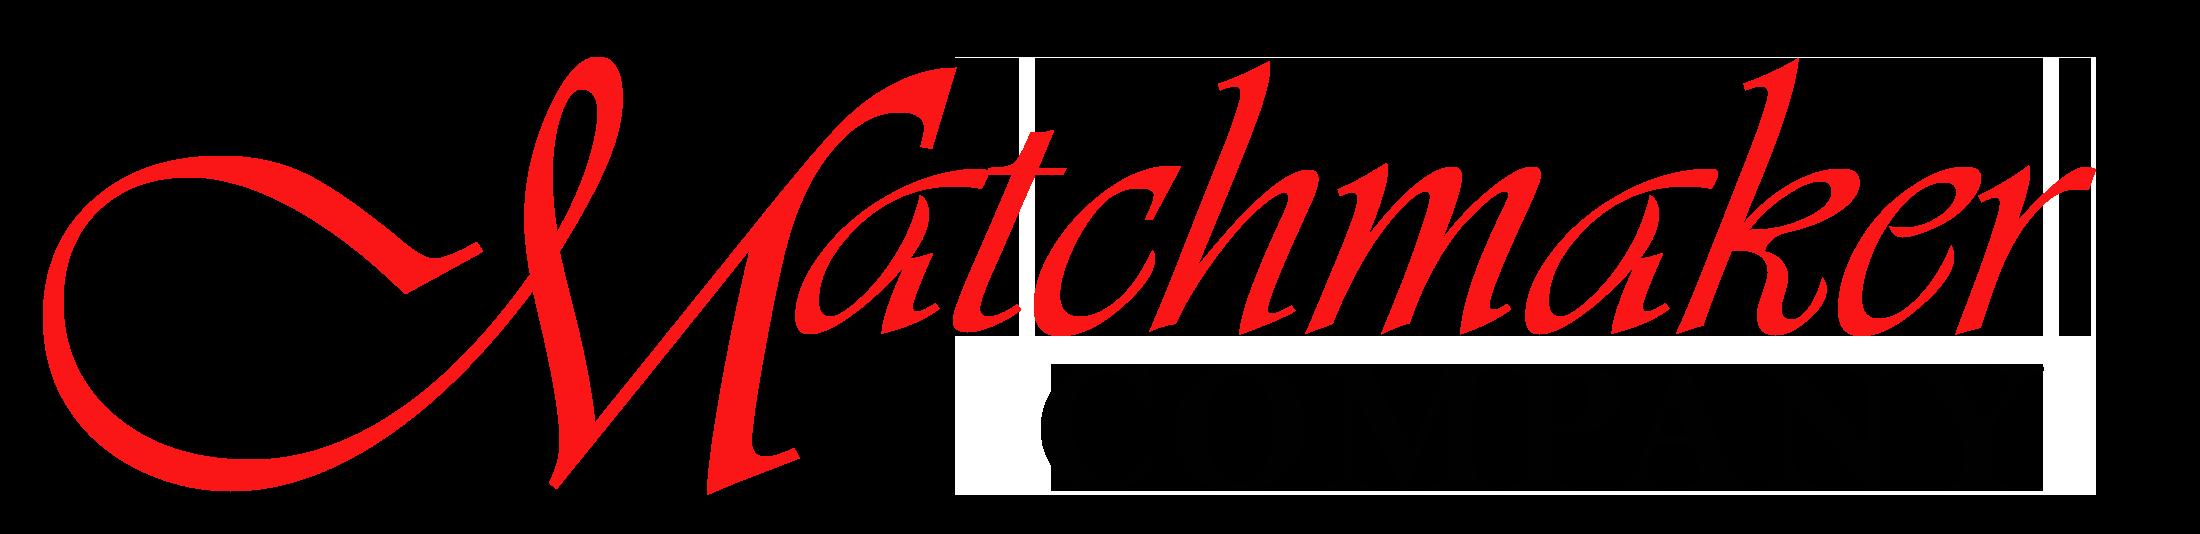 matchmaking franchise